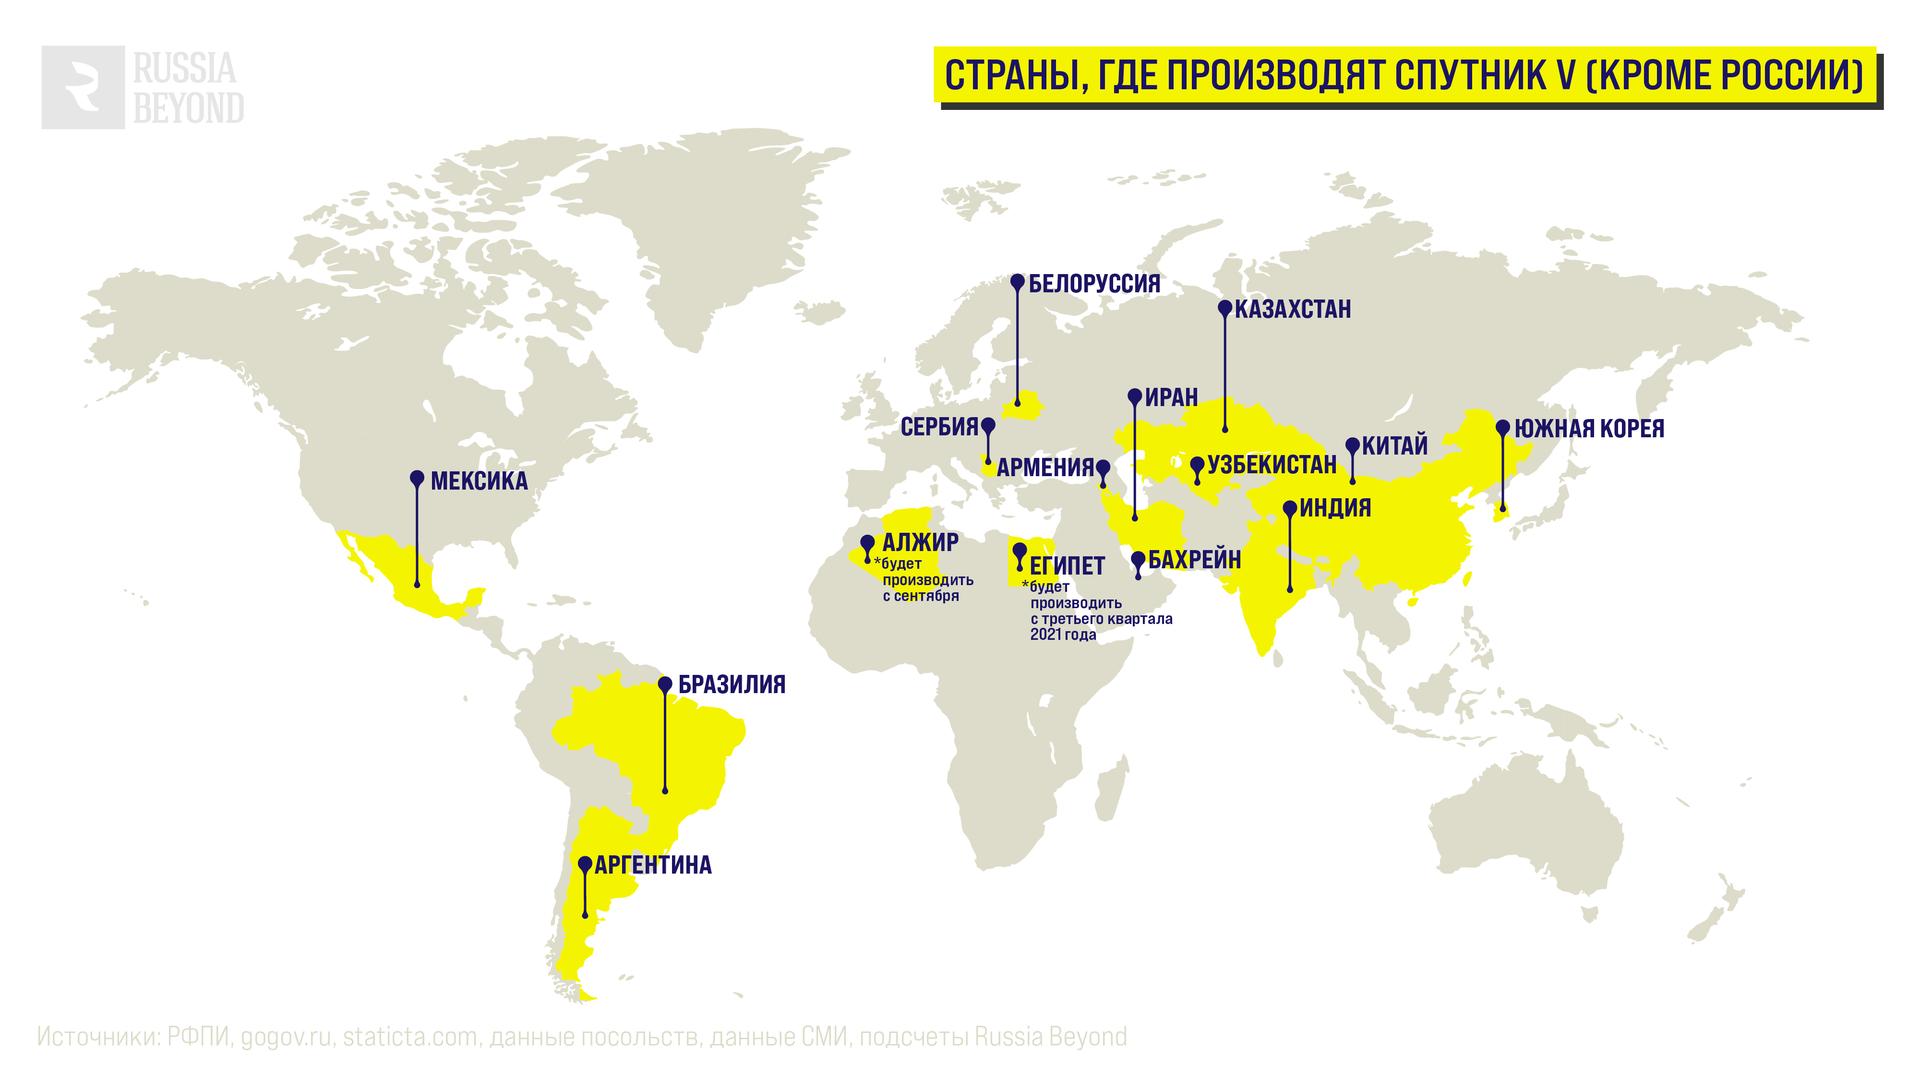 Страны, где производят Спутник V (кроме России)